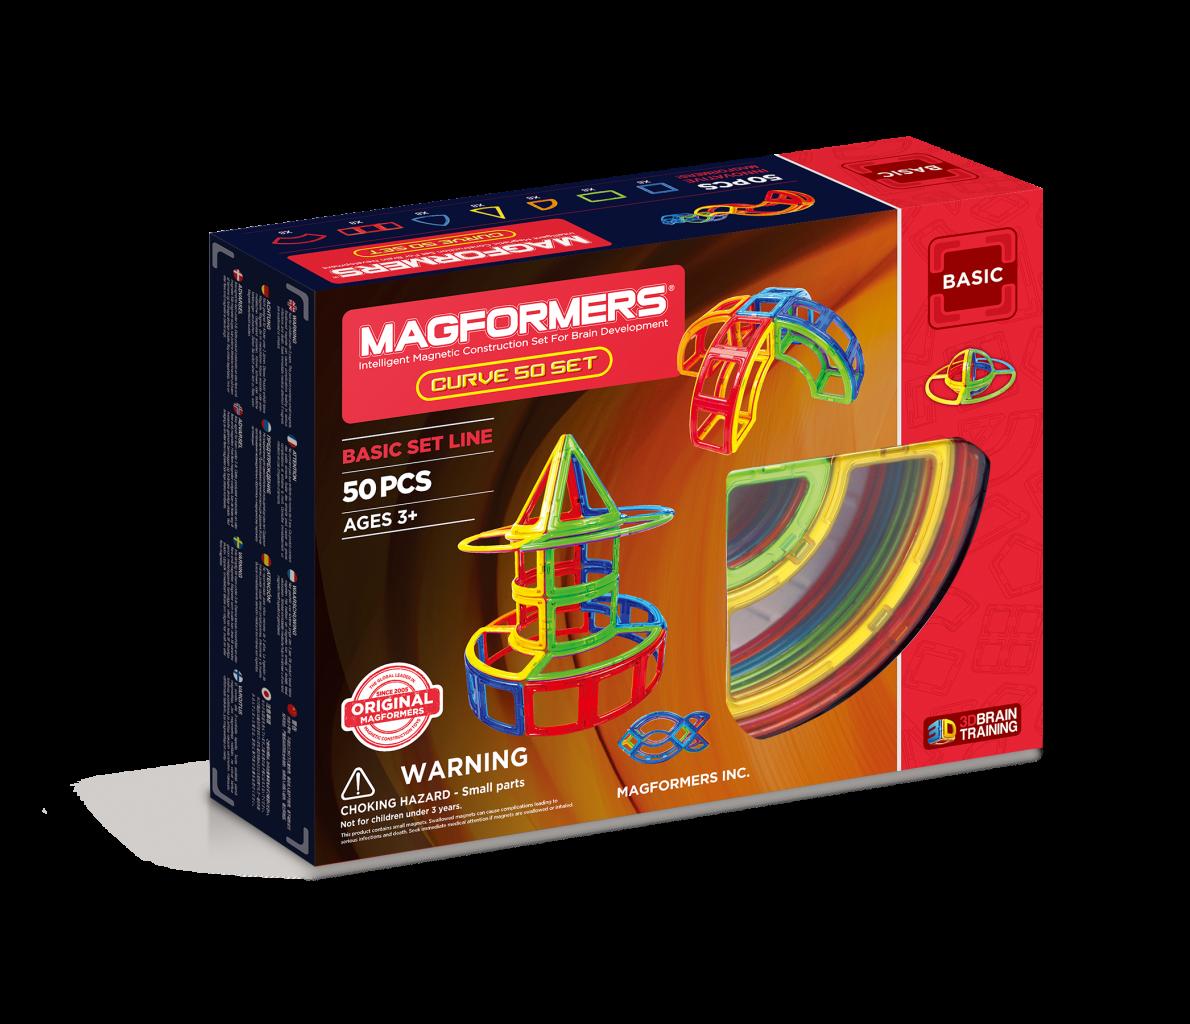 Магнитный конструктор MAGFORMERS 701012 Curve 50 set - Набор «Magformers Curve 50 Set» содержит 50 элементов: * квадрат 10 шт. * сектор 8 шт. * суперсектор 8 шт. * арка 8 шт. * суперарка 4 шт. * сегмент конуса 4 шт. * сегмент сферы 8 шт.